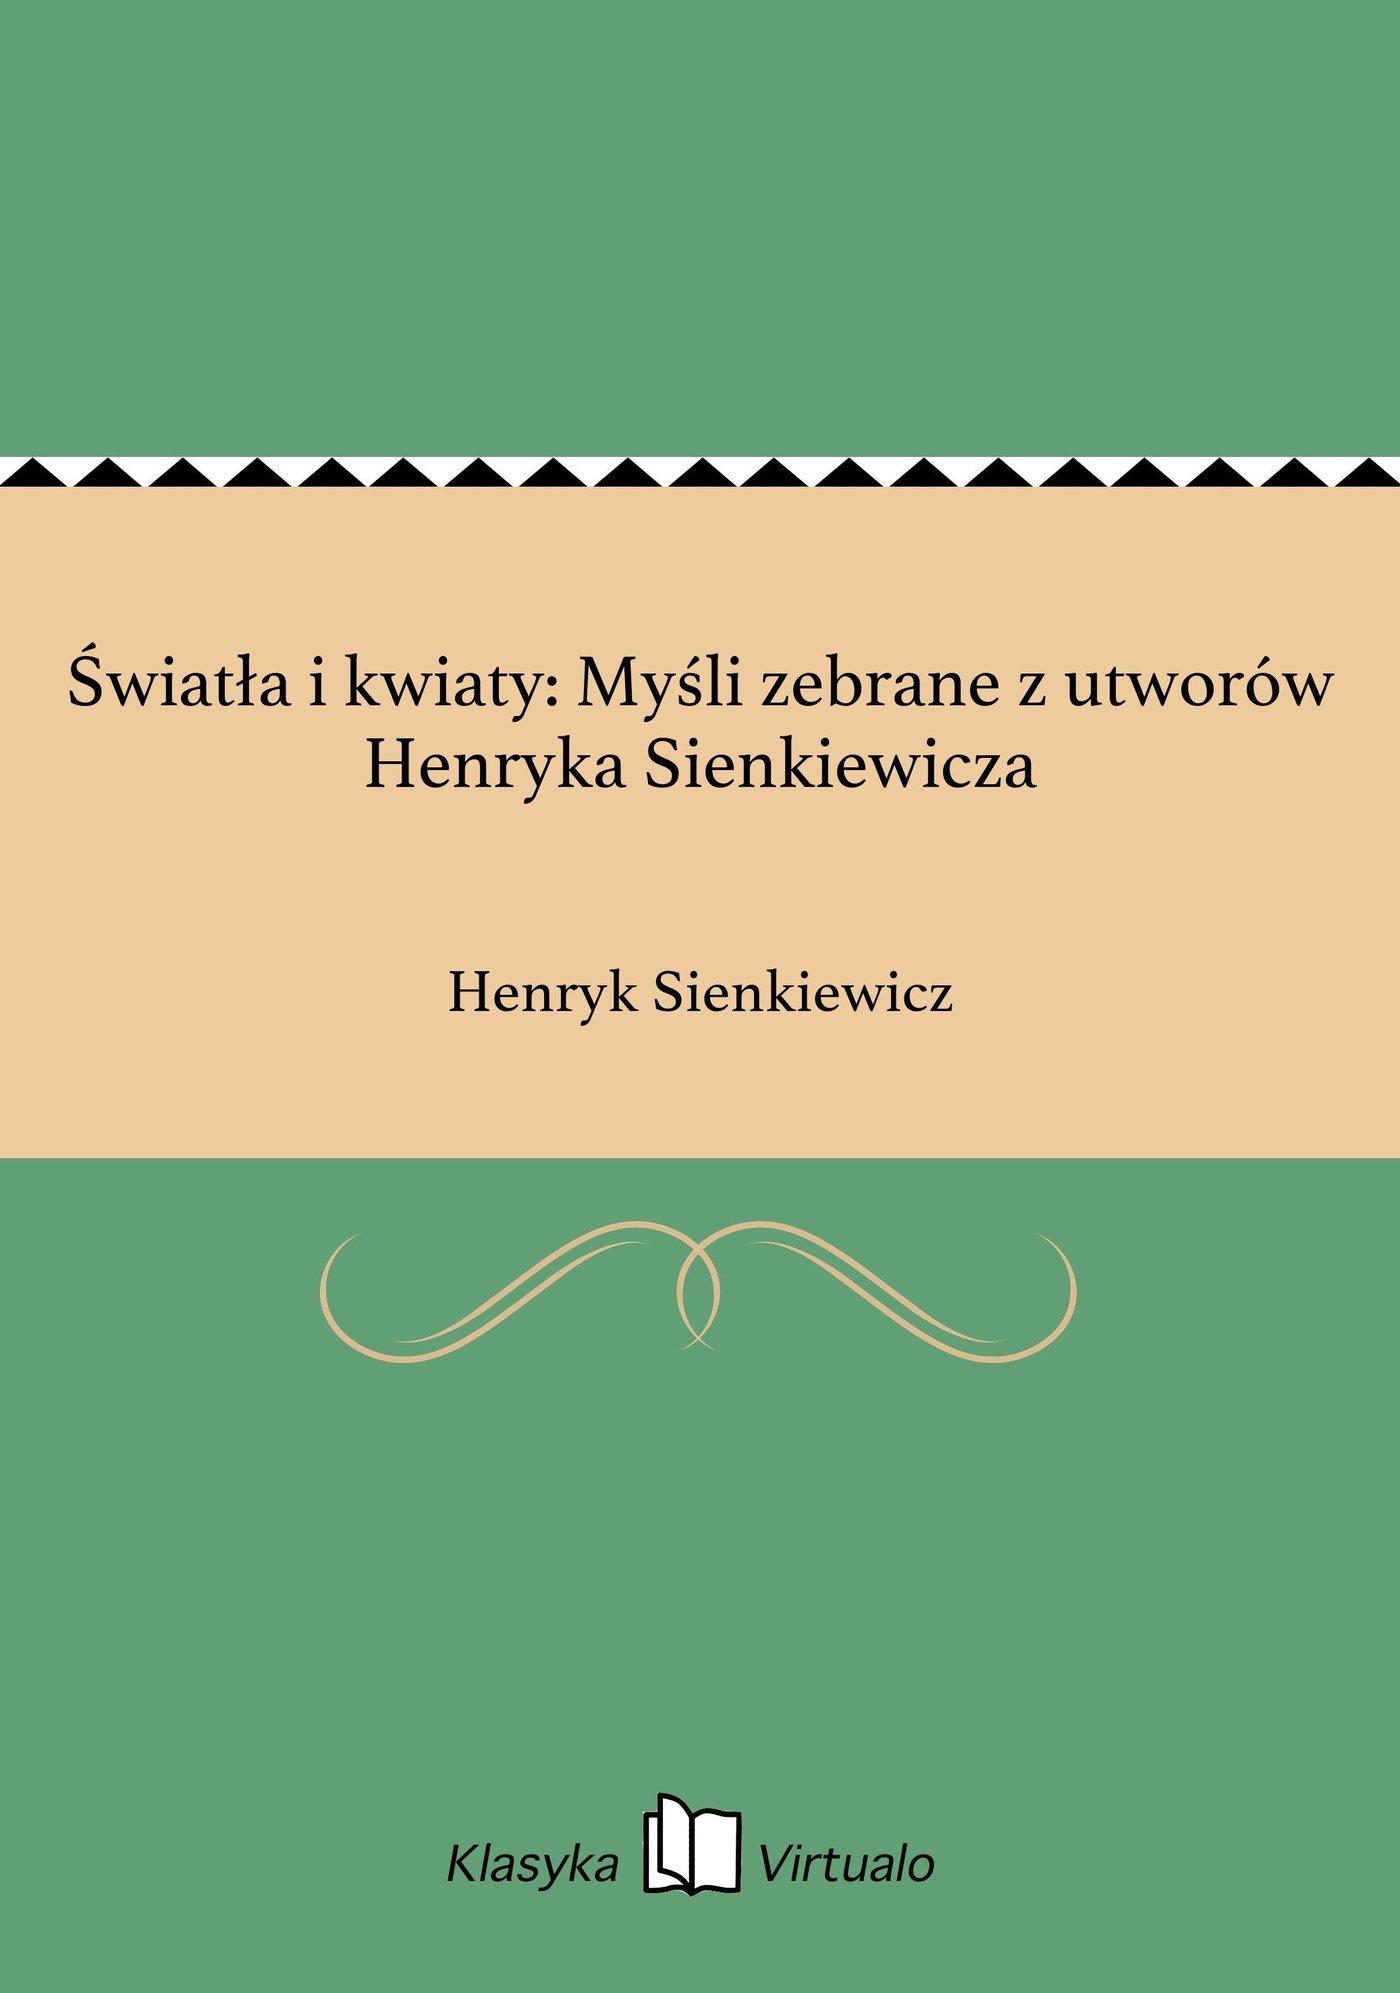 Światła i kwiaty: Myśli zebrane z utworów Henryka Sienkiewicza - Ebook (Książka EPUB) do pobrania w formacie EPUB